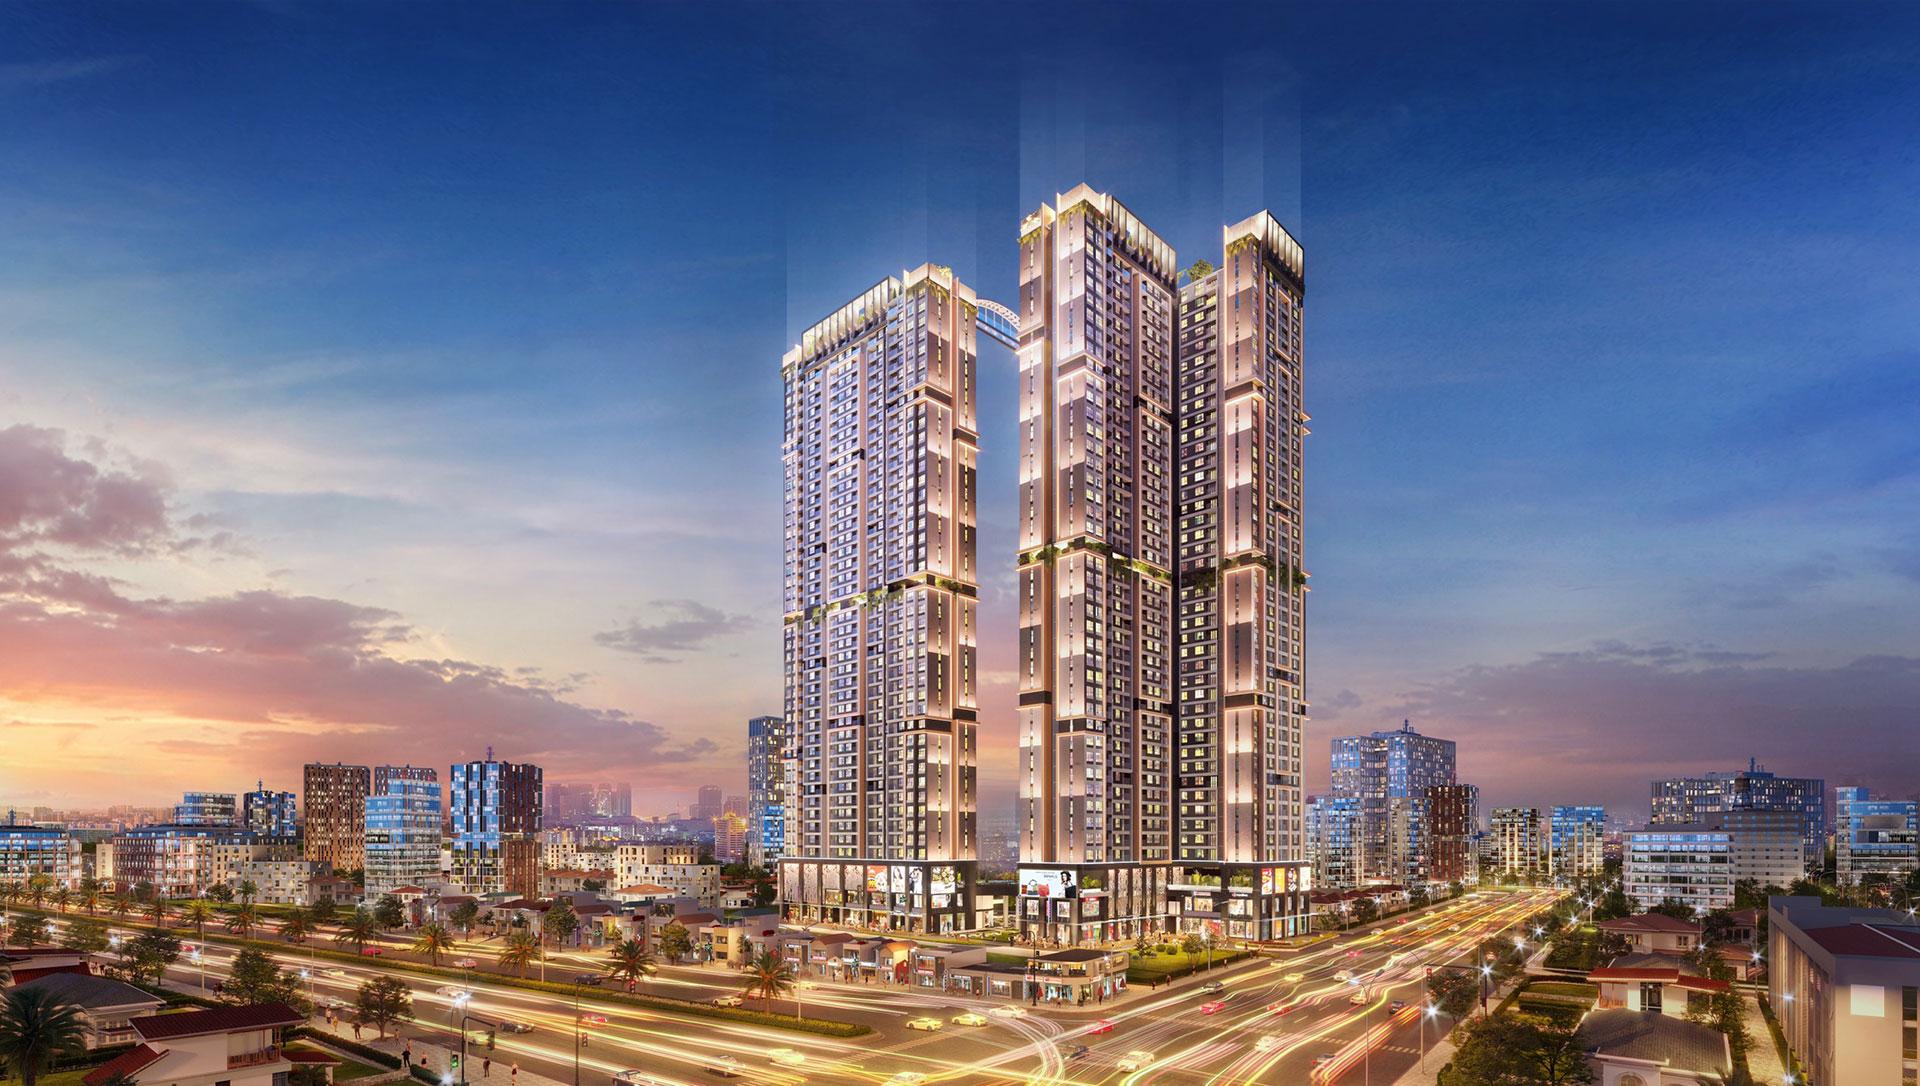 Khu phức hợp căn hộ thông minh TT Thành phố Thủ Dầu Một Happy One - Central